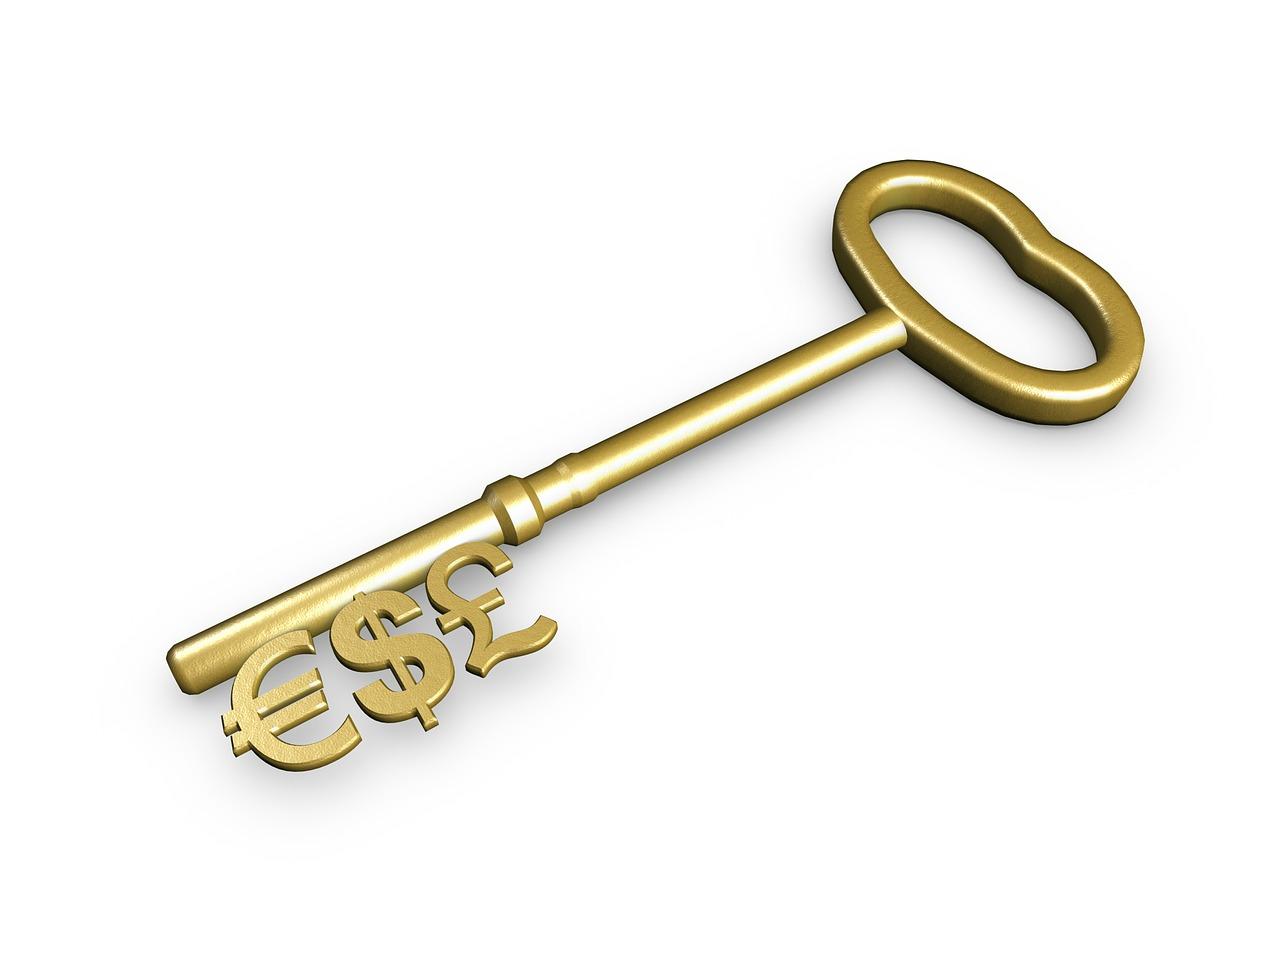 key-470345_1280